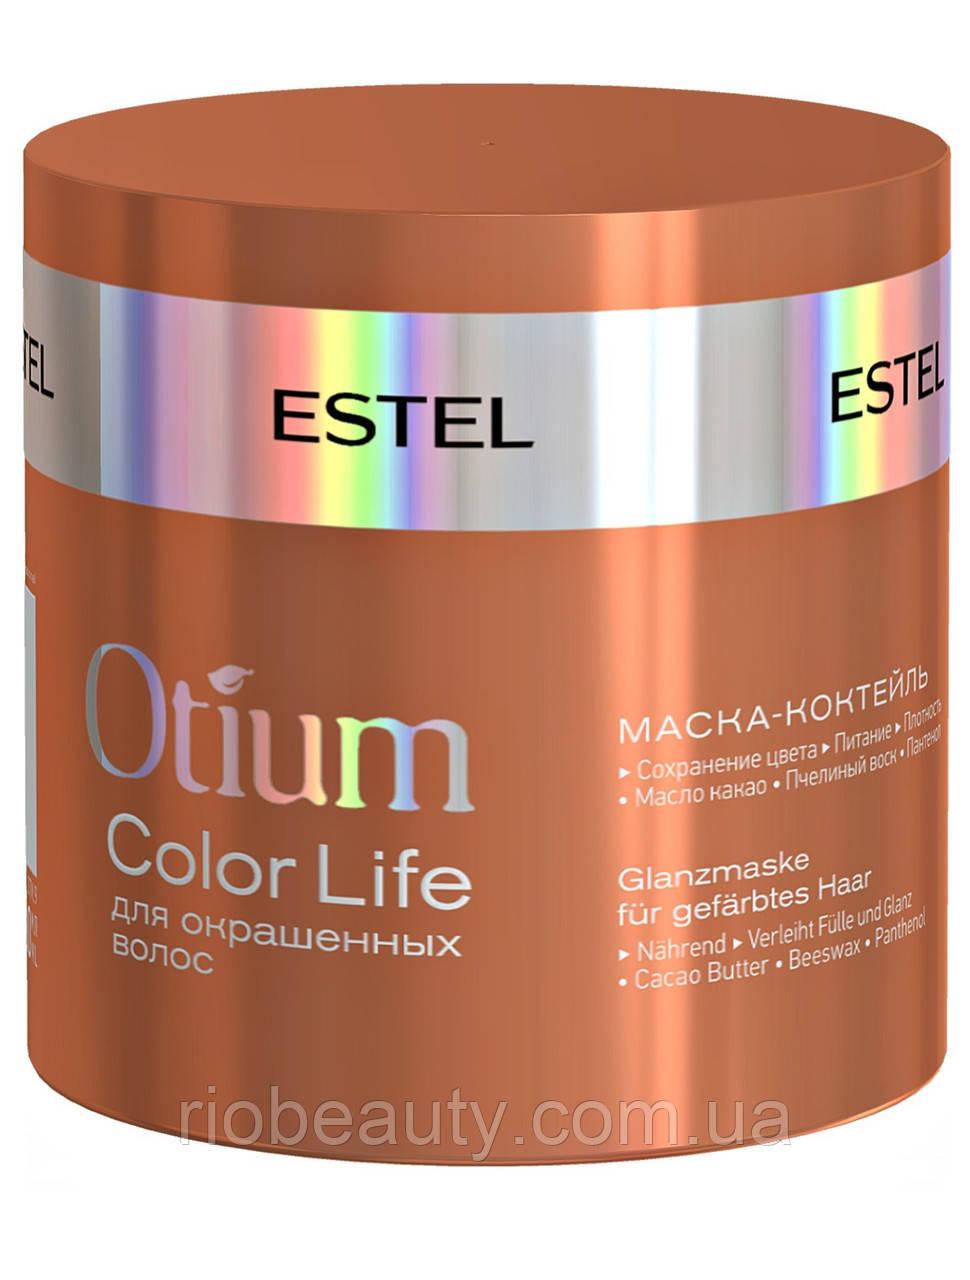 Маска-коктейль для фарбованого волосся OTIUM COLOR LIFE, 300 мл